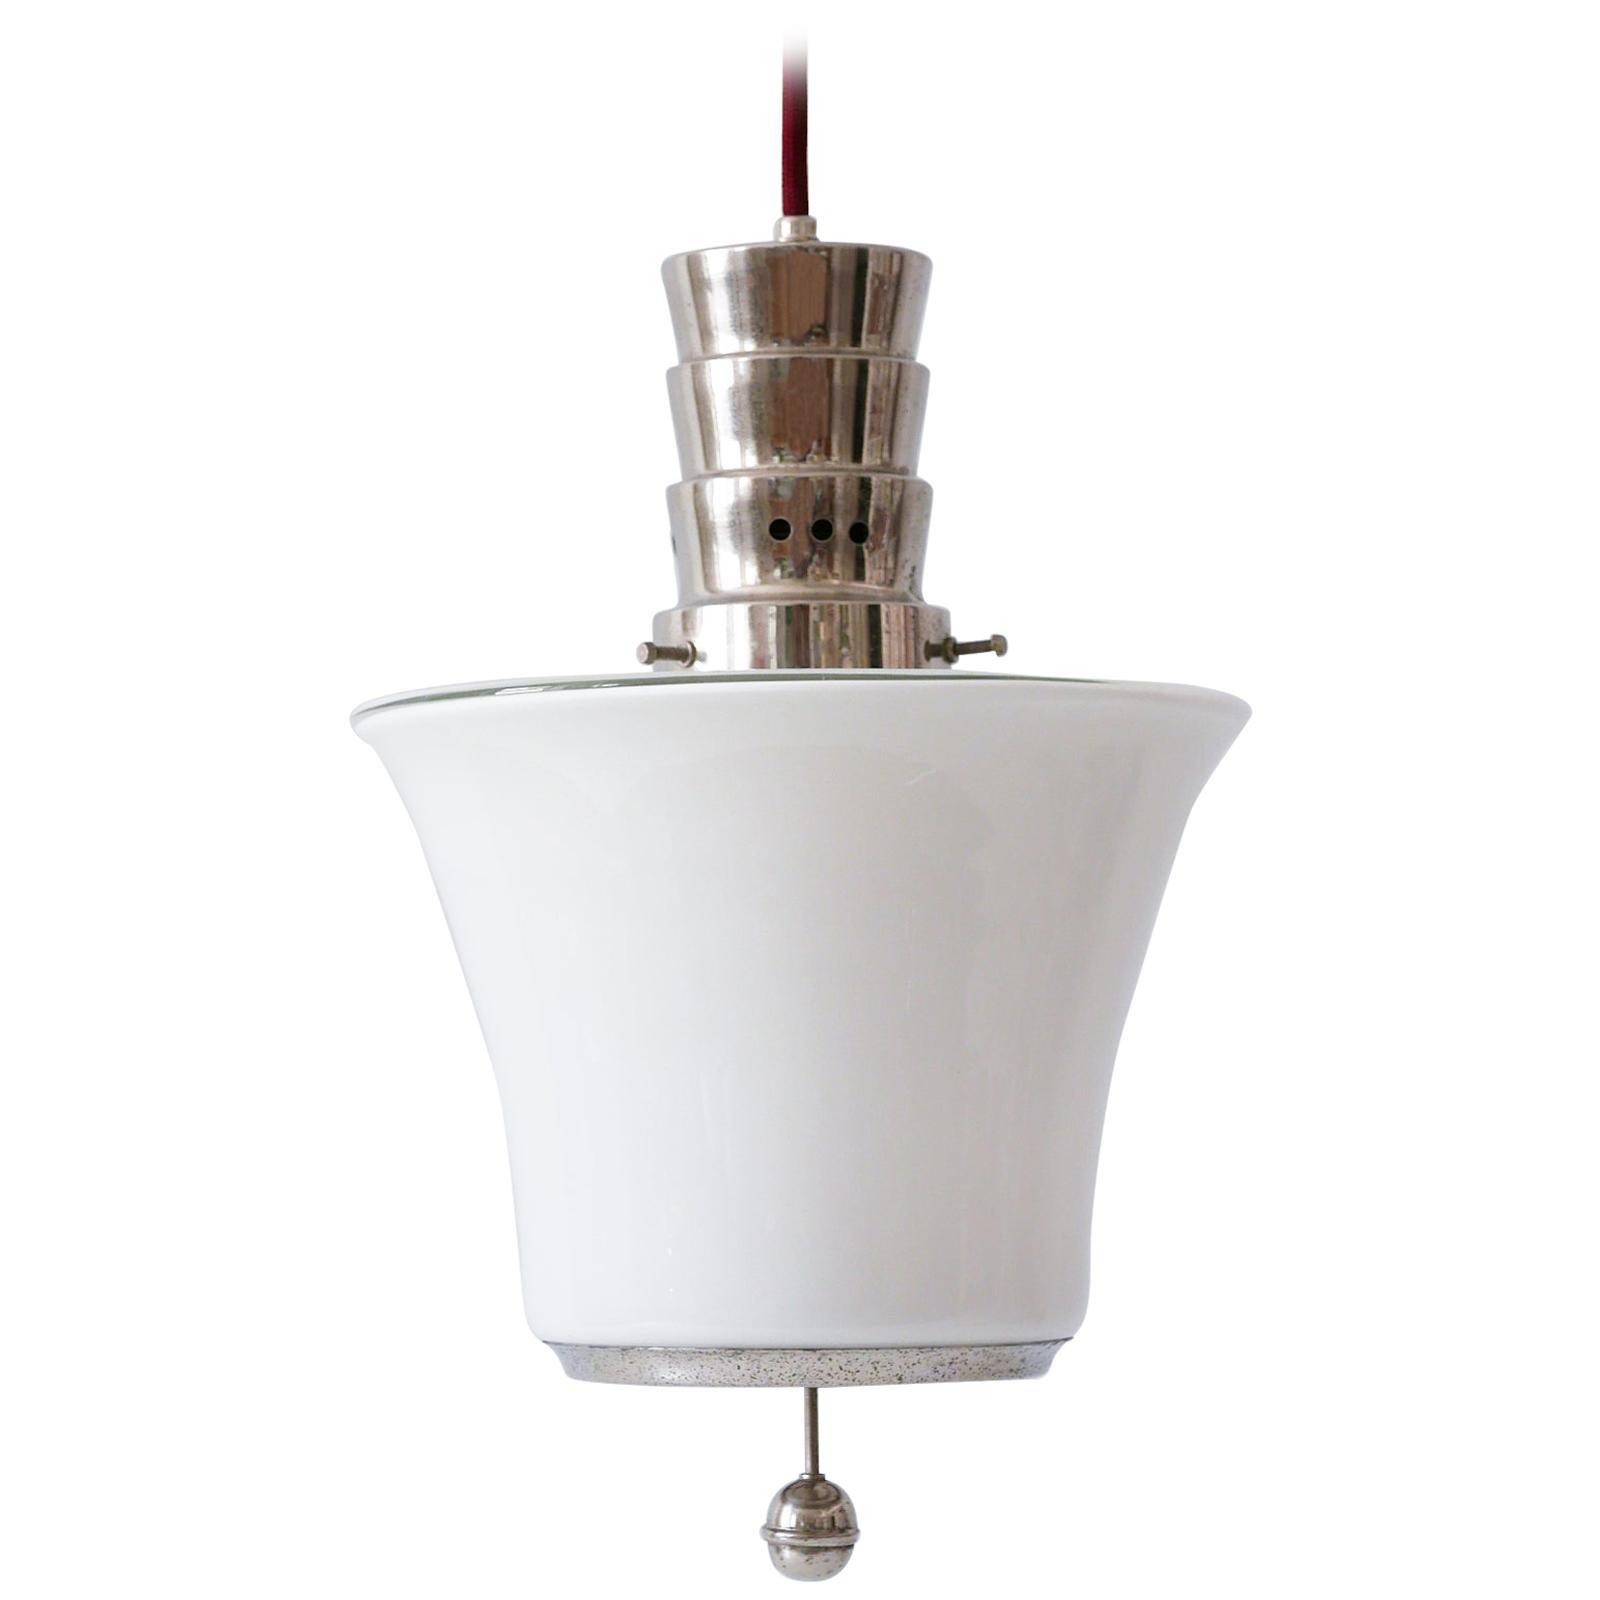 Exceptional Dr. Twerdy Original Bauhaus Art Deco Pendant Lamp, 1920s, Germany